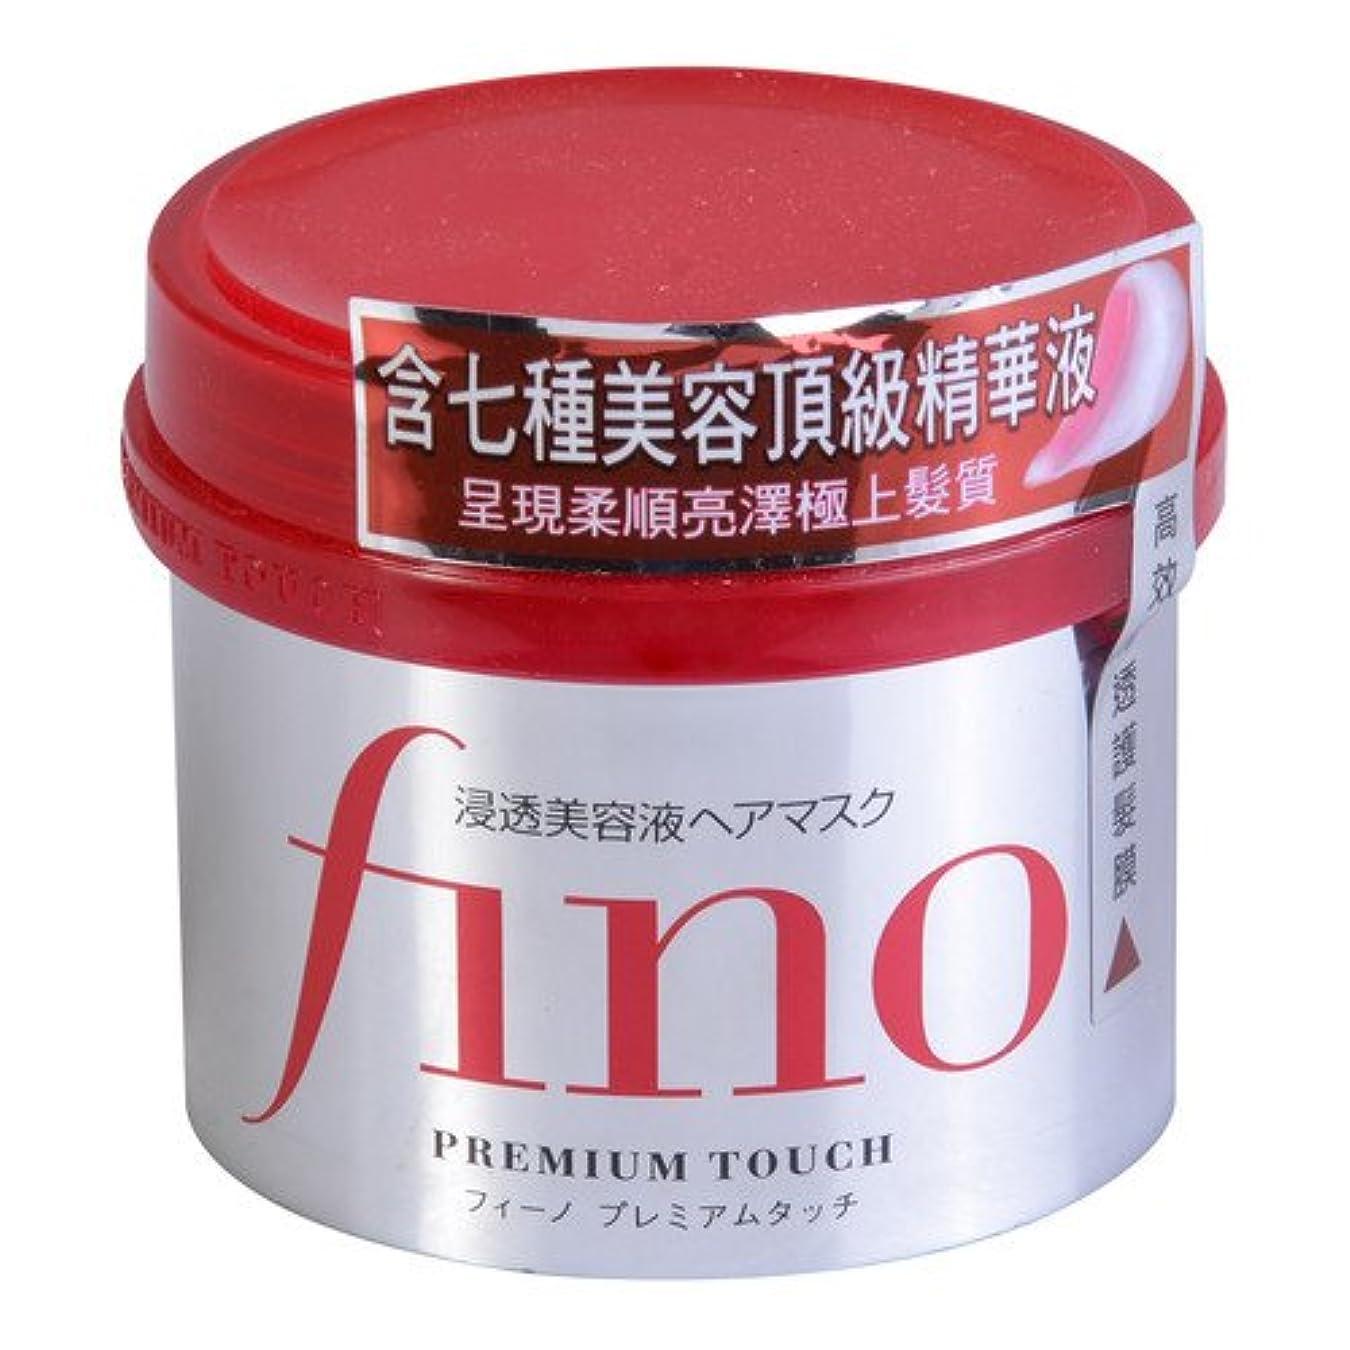 苦しみコンクリート適応的フィーノ プレミアムタッチ 浸透美容液ヘアマスク230g